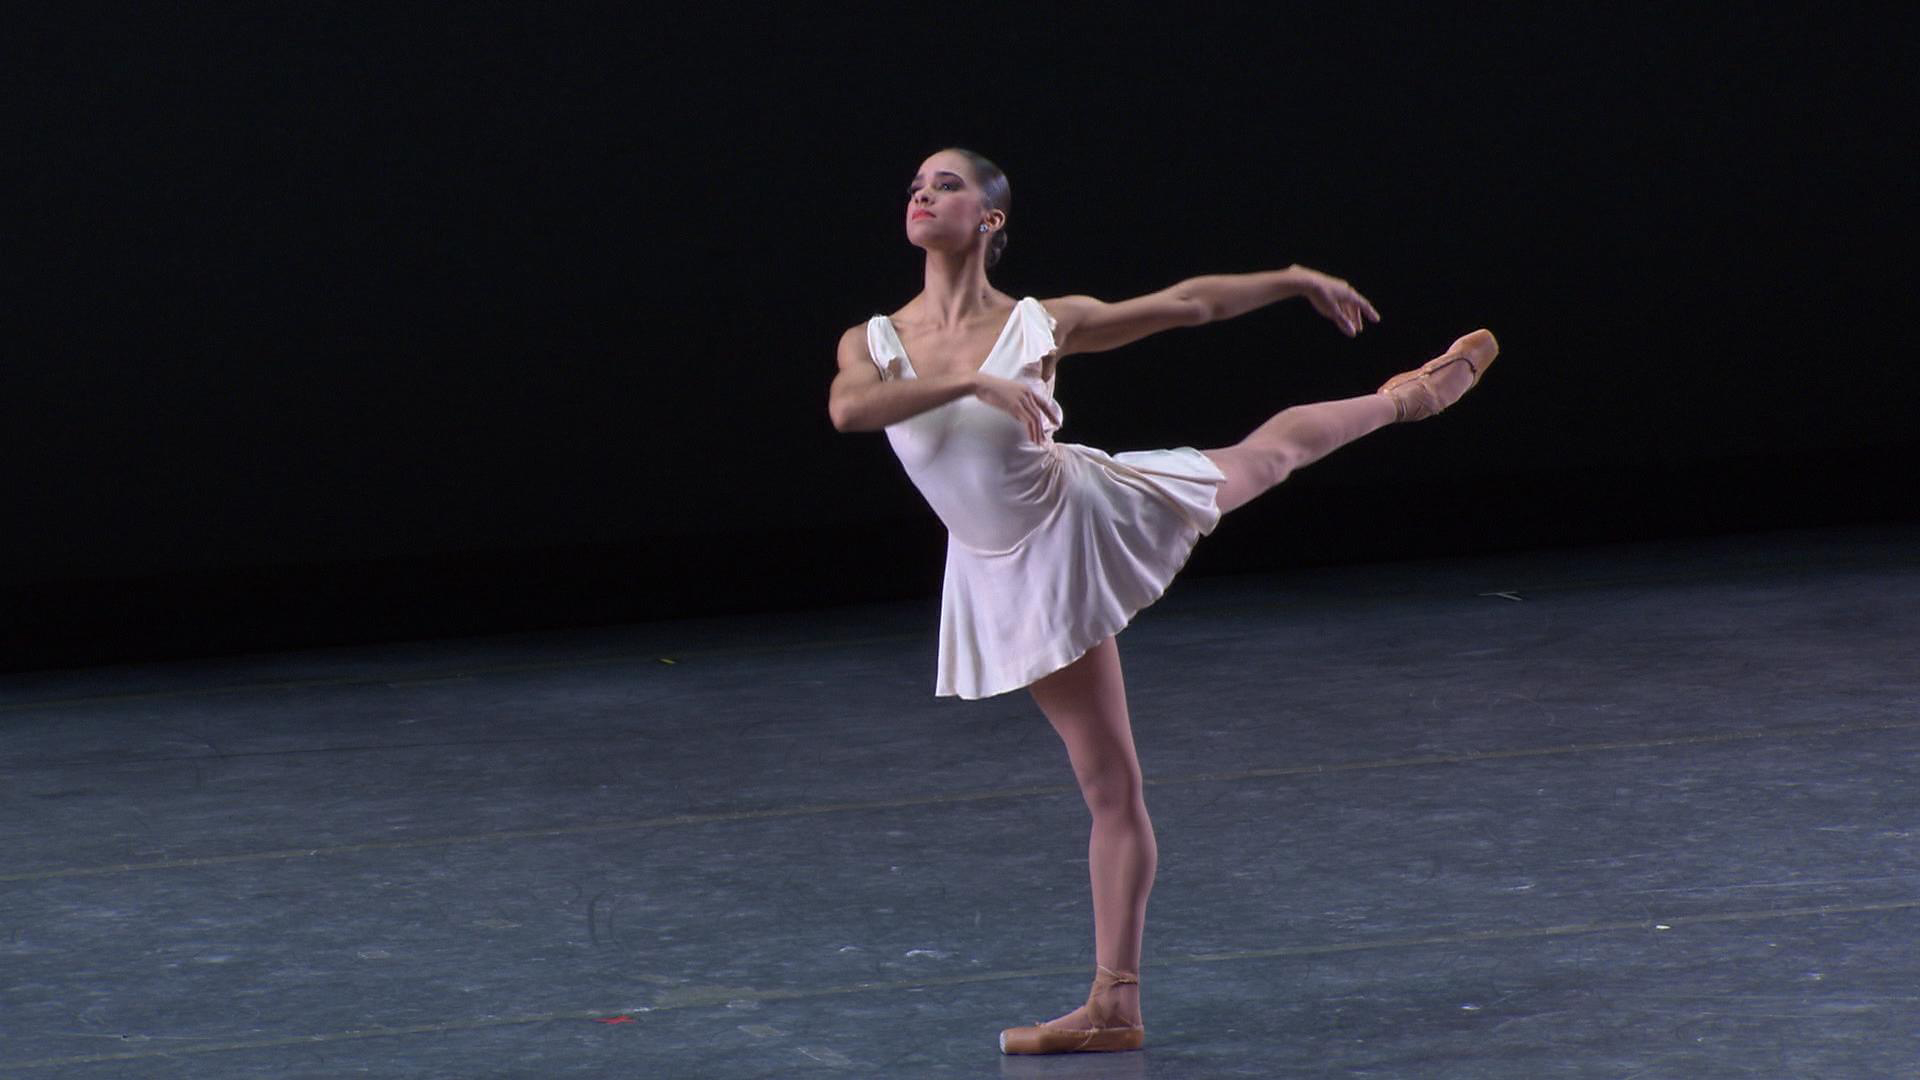 Диета Девочек Балерин. Диета балерин: рацион для похудения